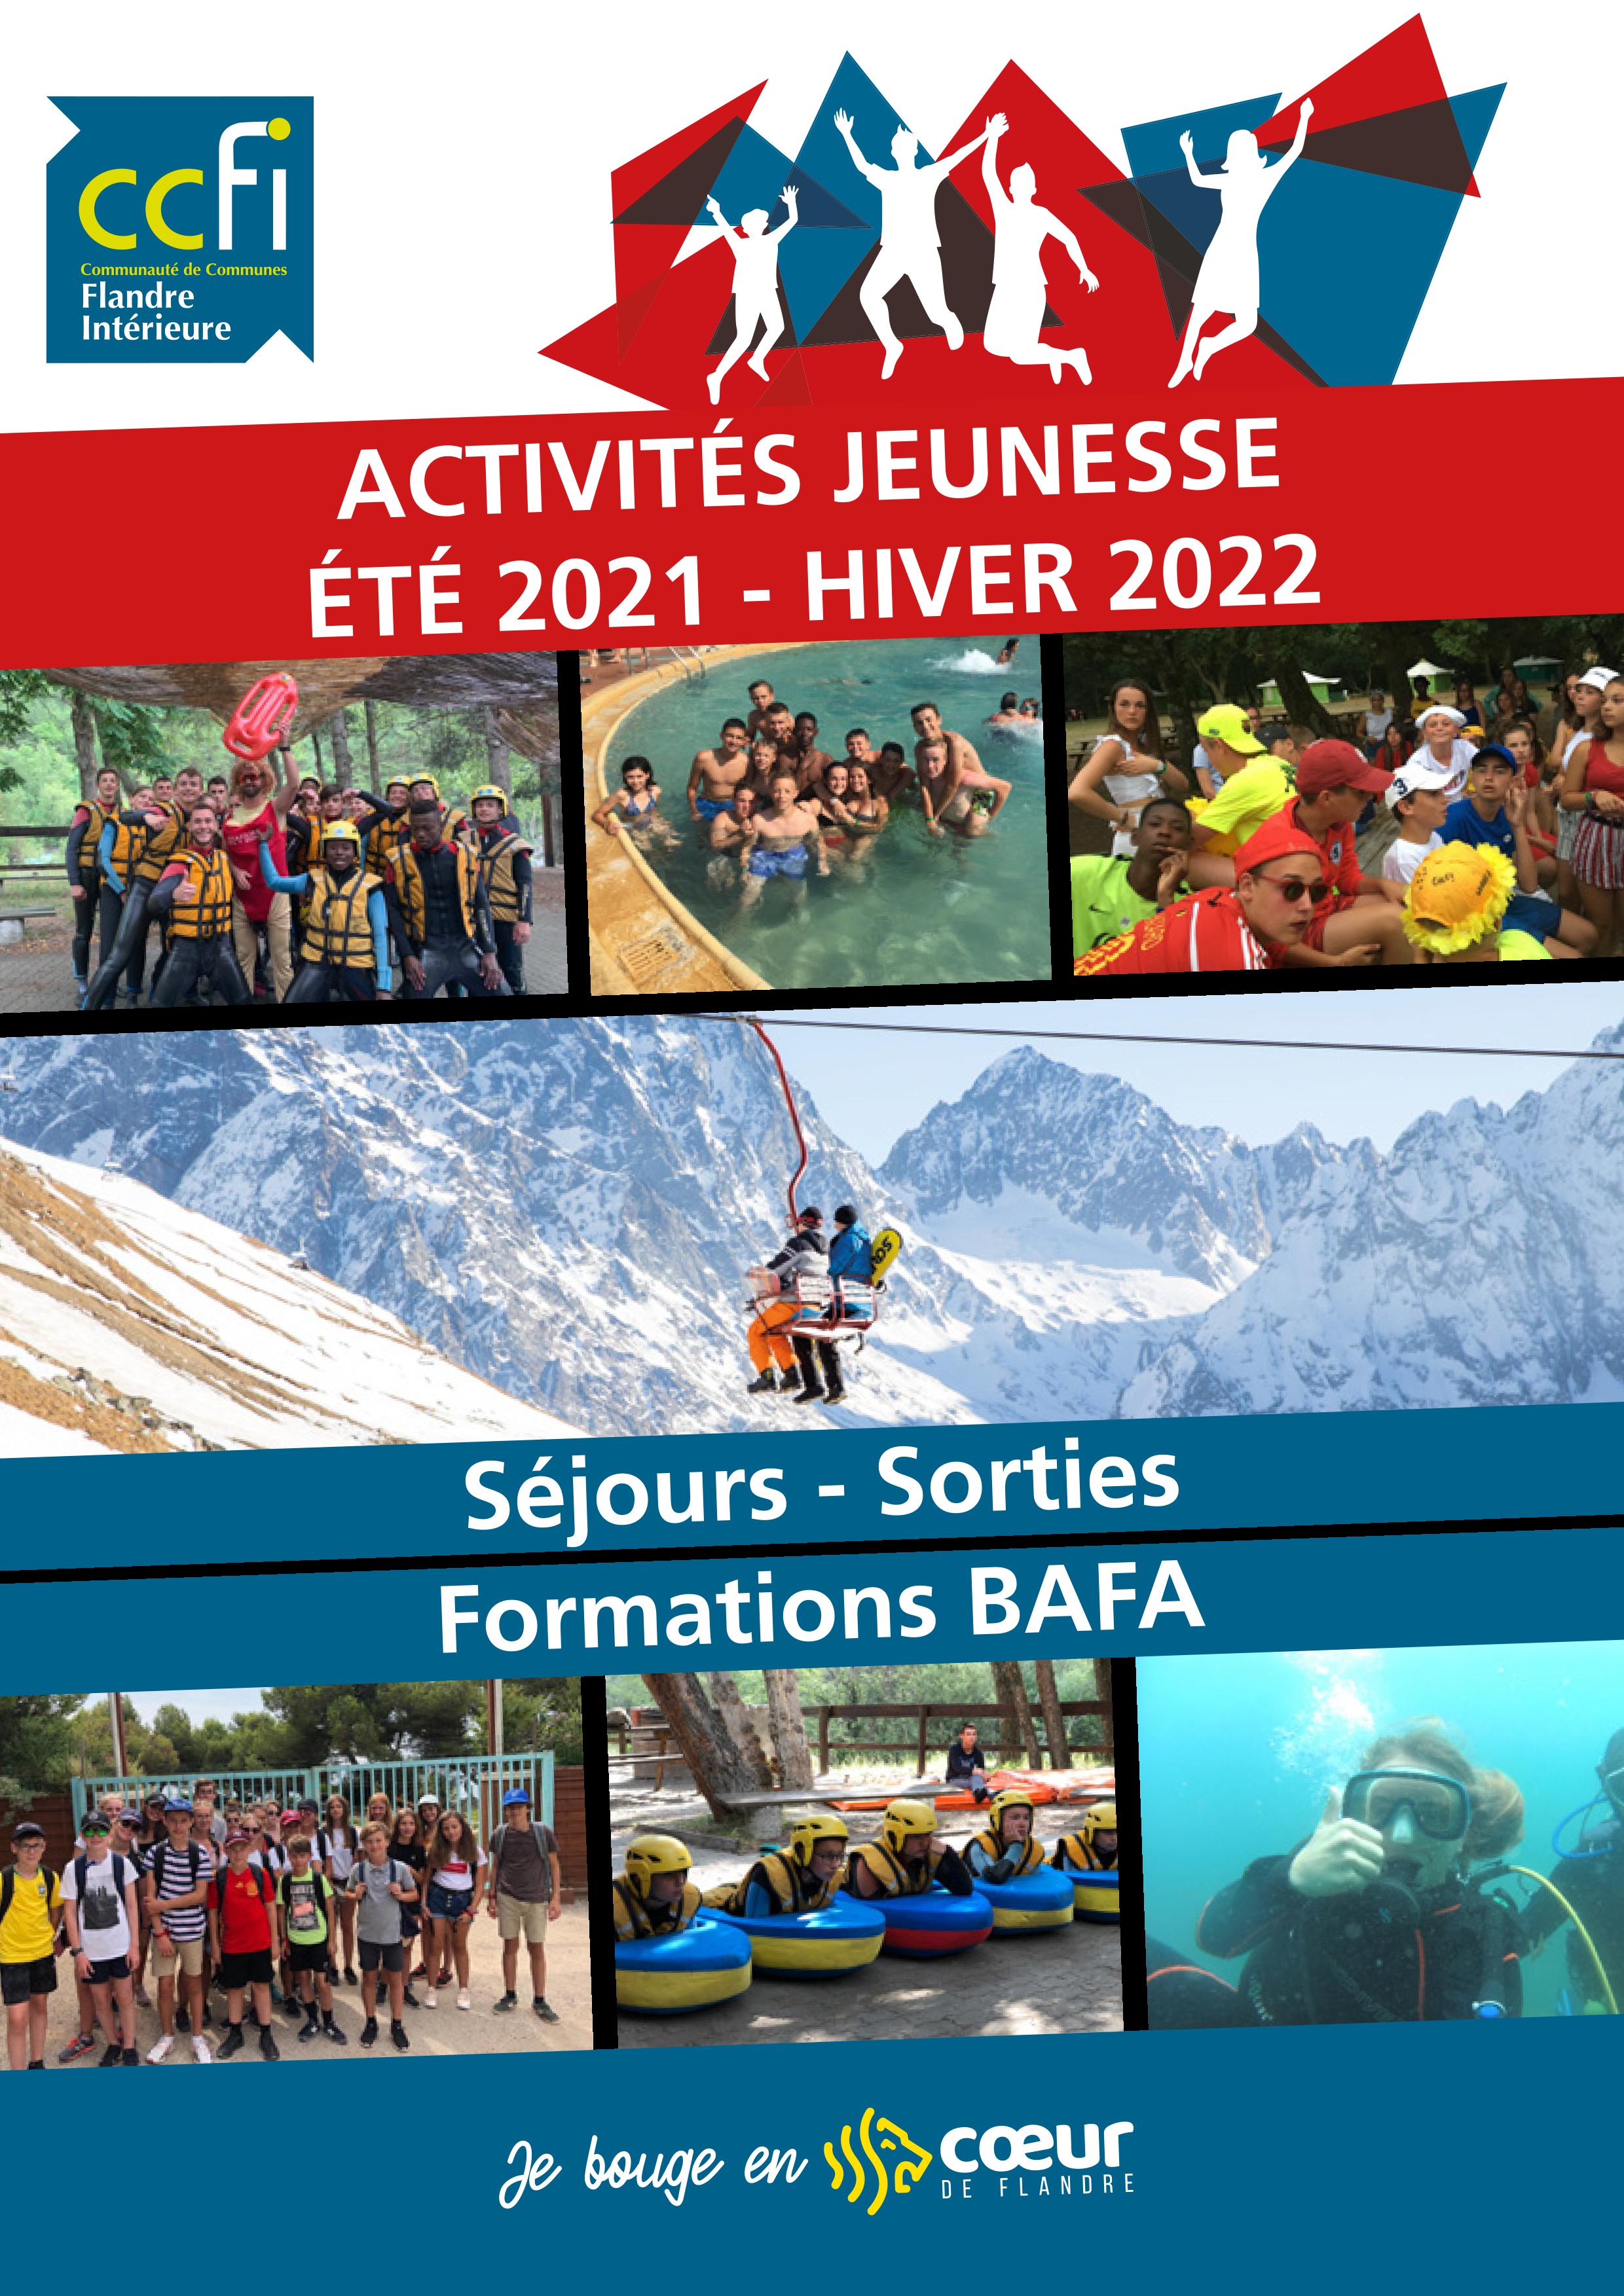 Sejours jeunesse ete 2021 hiver 2022-1.png